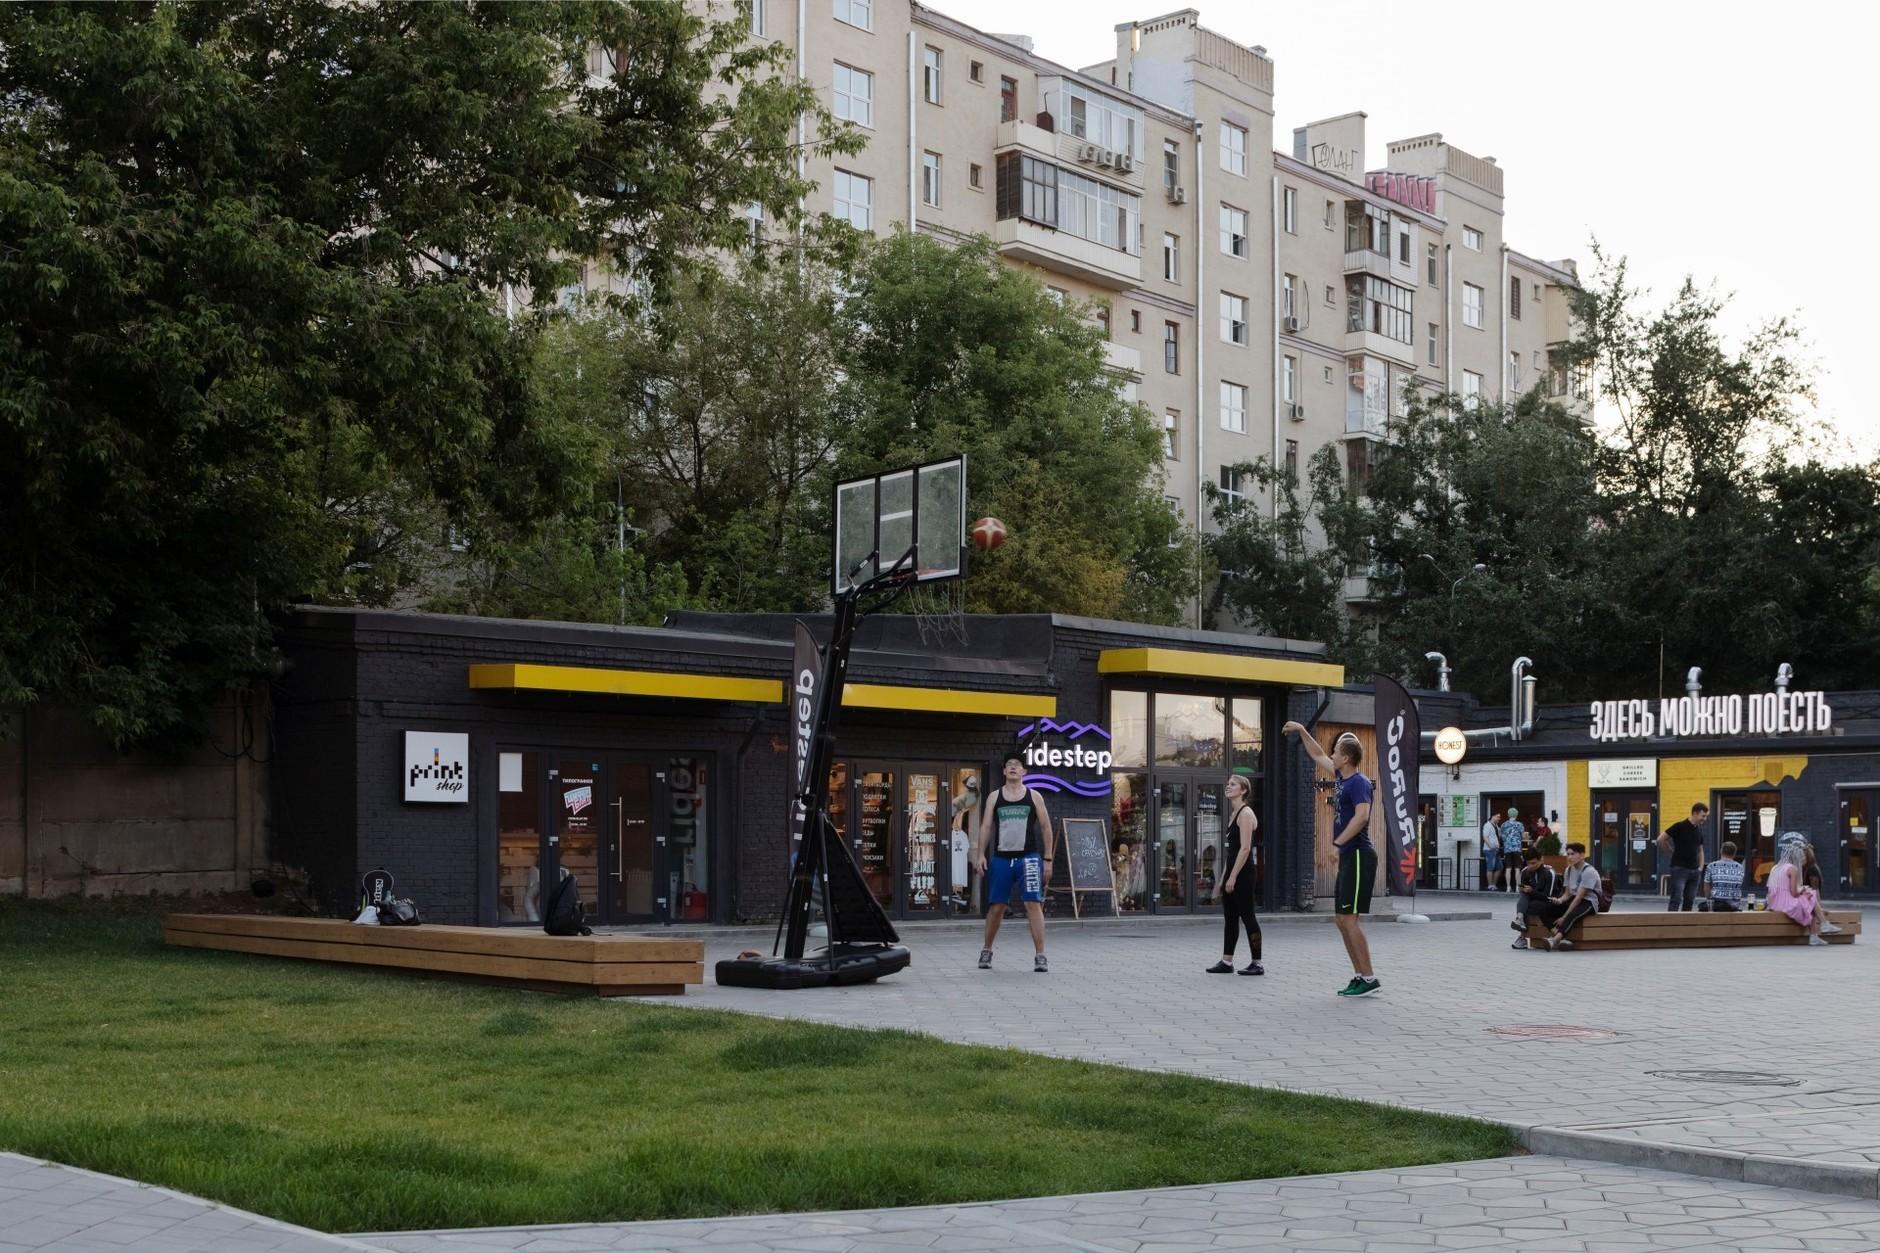 Общественные пространства, в которых мы живем (галерея 14, фото 1)